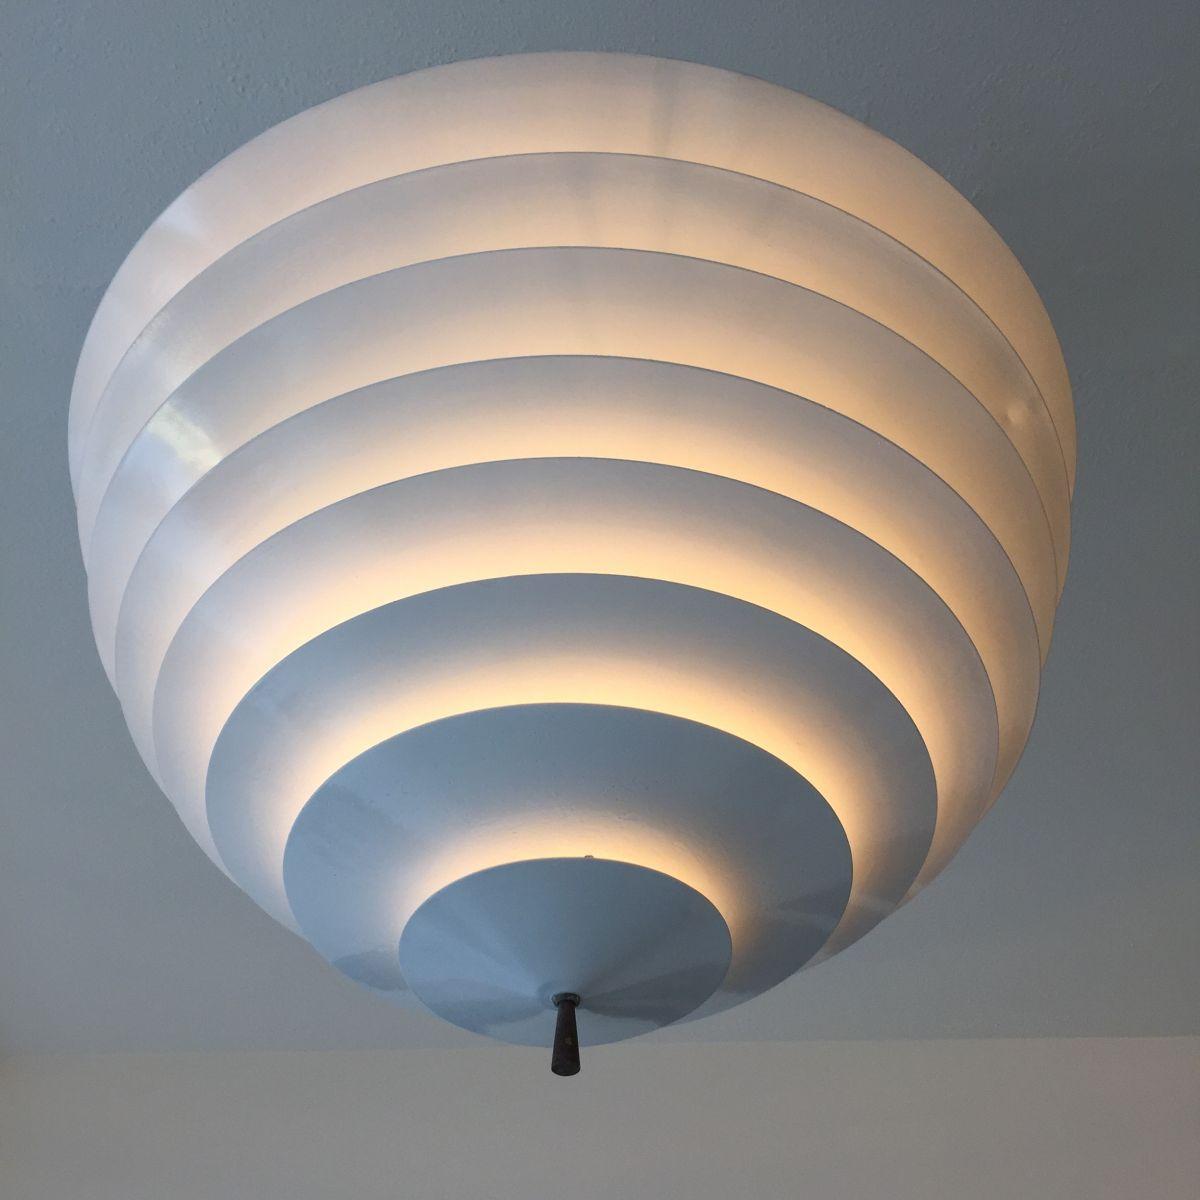 elastique vintage m bel furniture z rich schweiz lampe von ernest brantschen. Black Bedroom Furniture Sets. Home Design Ideas